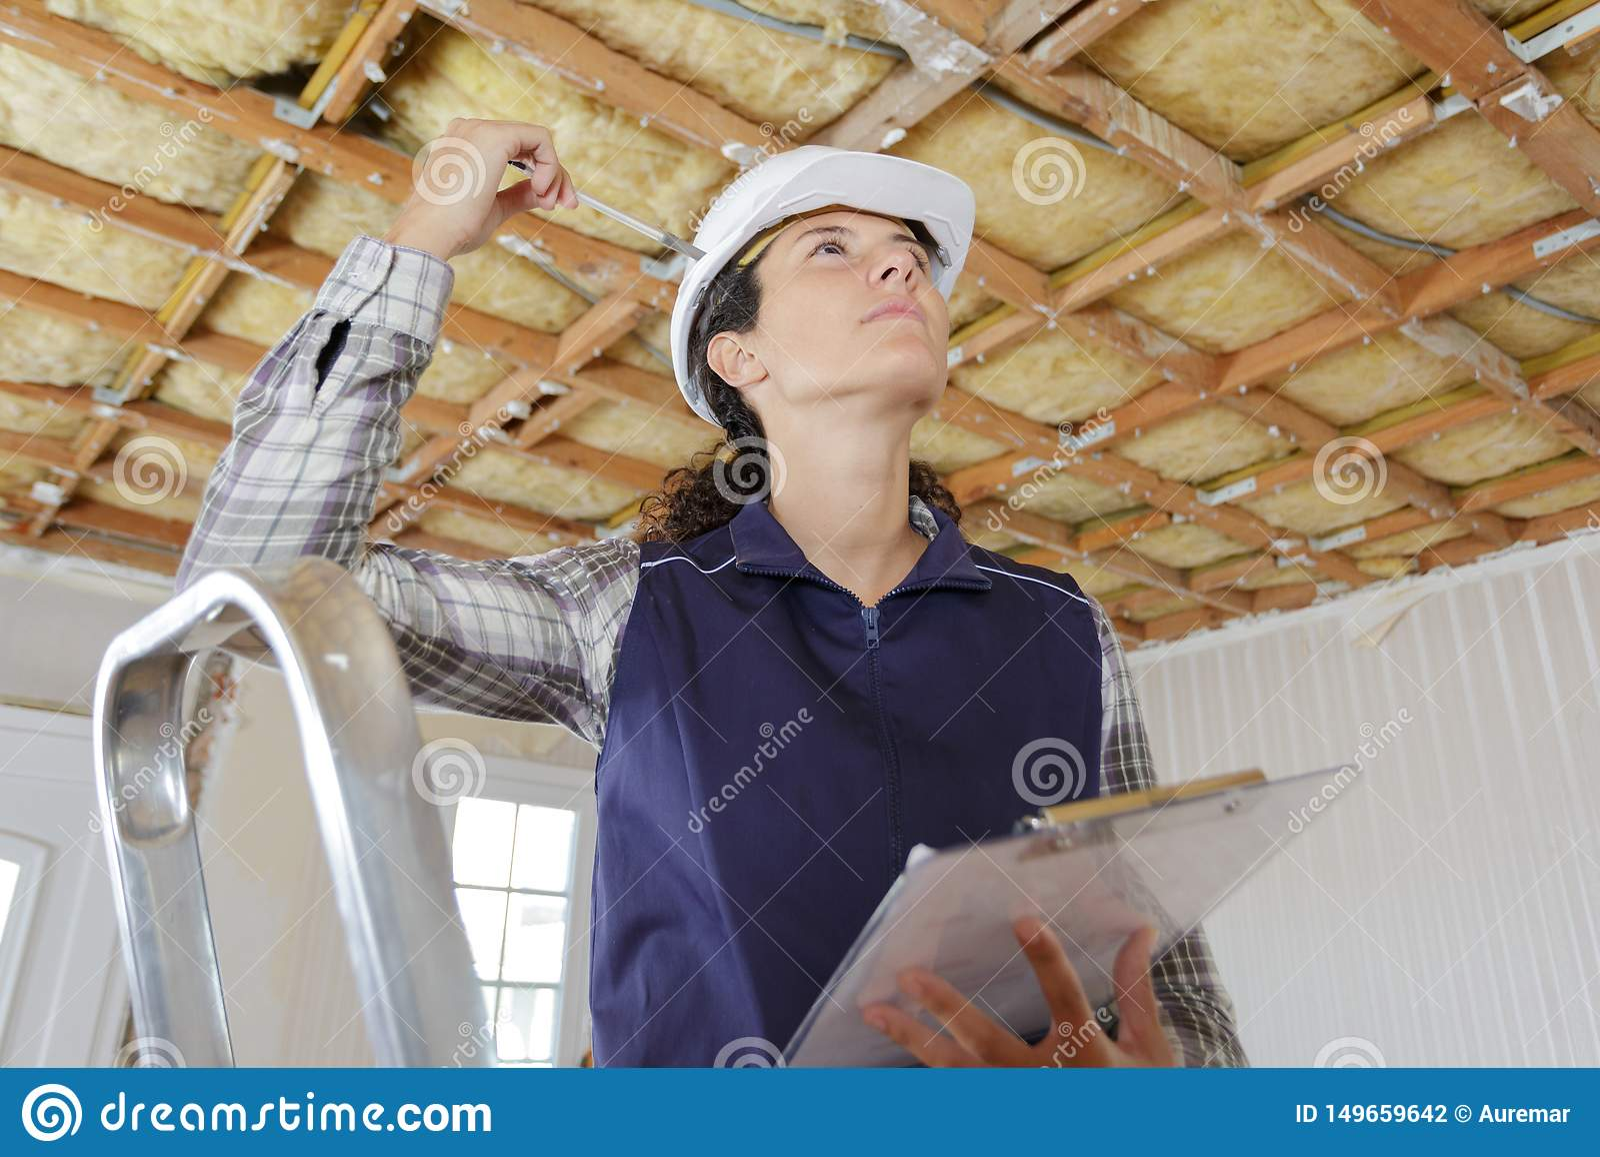 Woman in builder uniform on ladder indoor